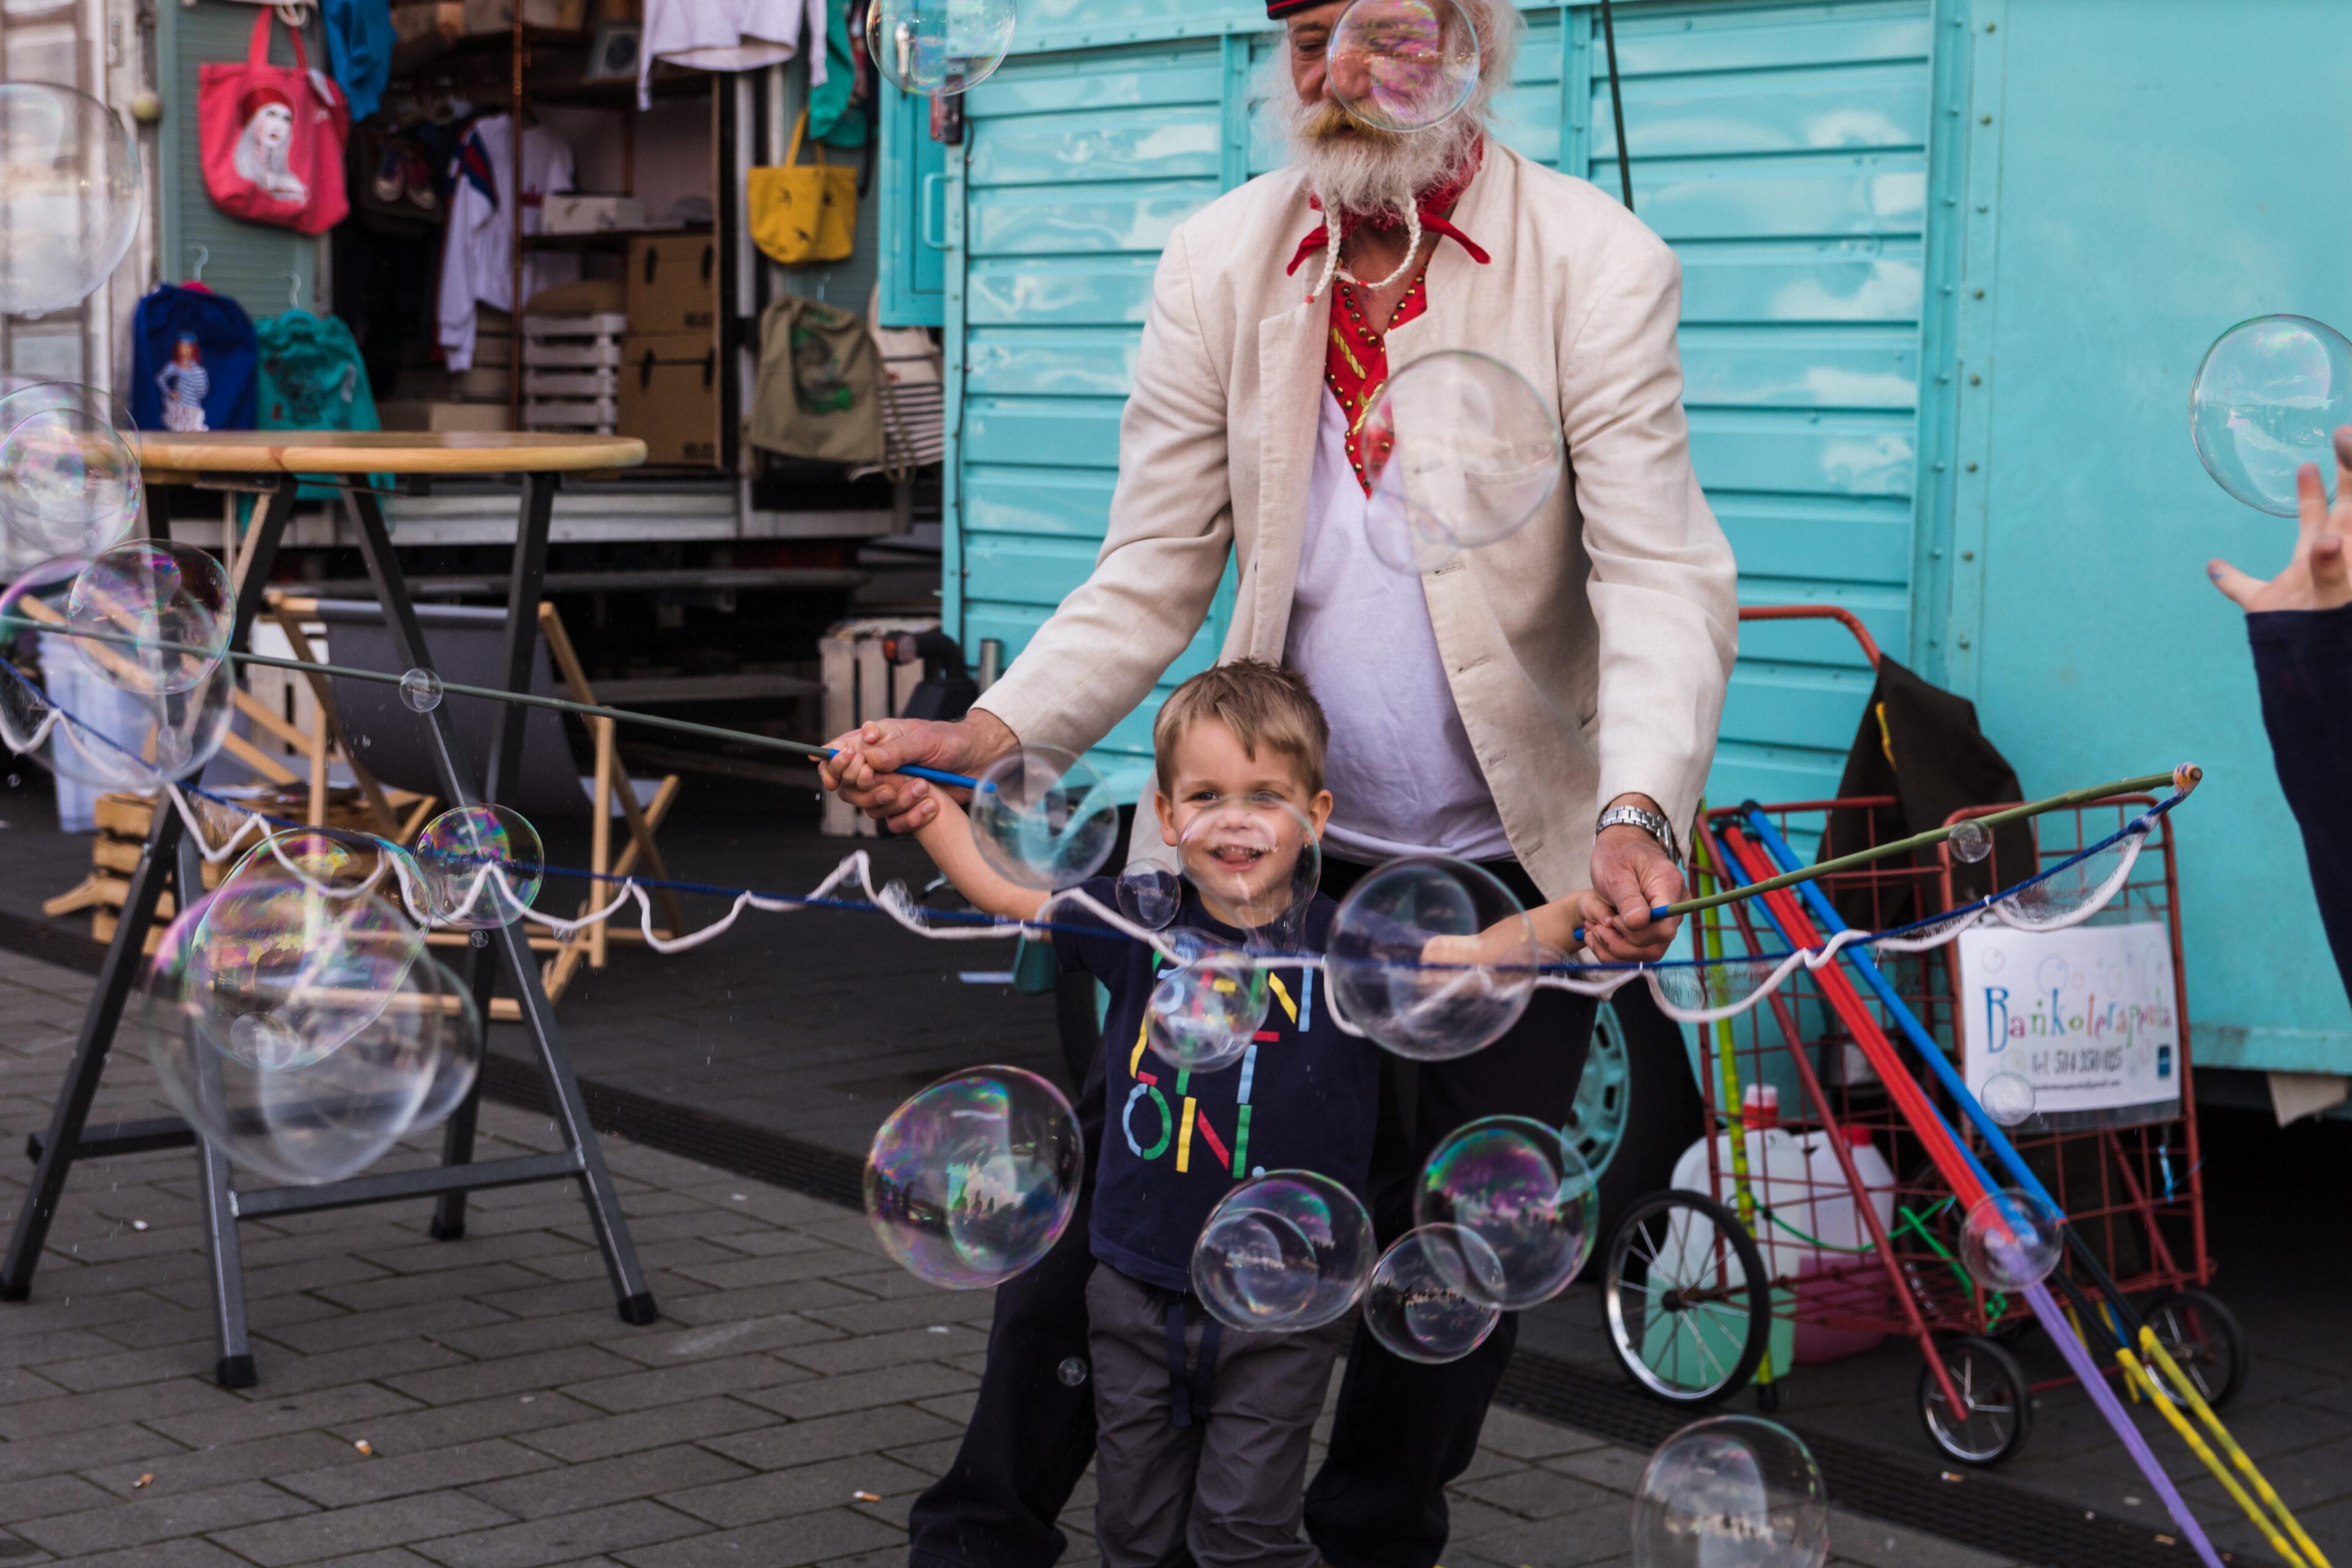 Seifenblasen Kinder scaled - Hamburg zeigt Kunst - Das kreative Festival!